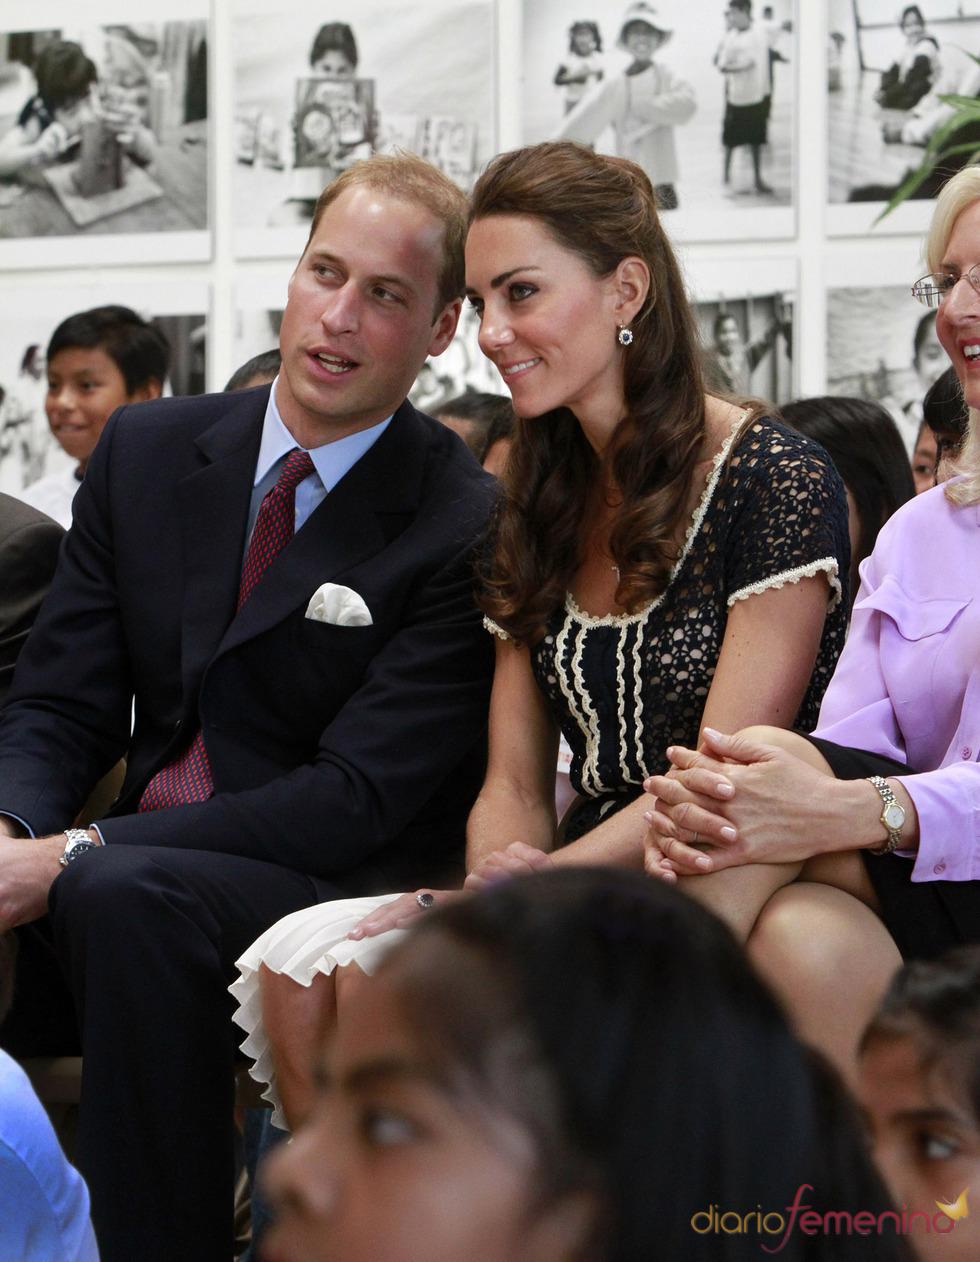 Guillermo de Inglaterra y Kate Middleton visitan un centro de arte en Los Ángeles